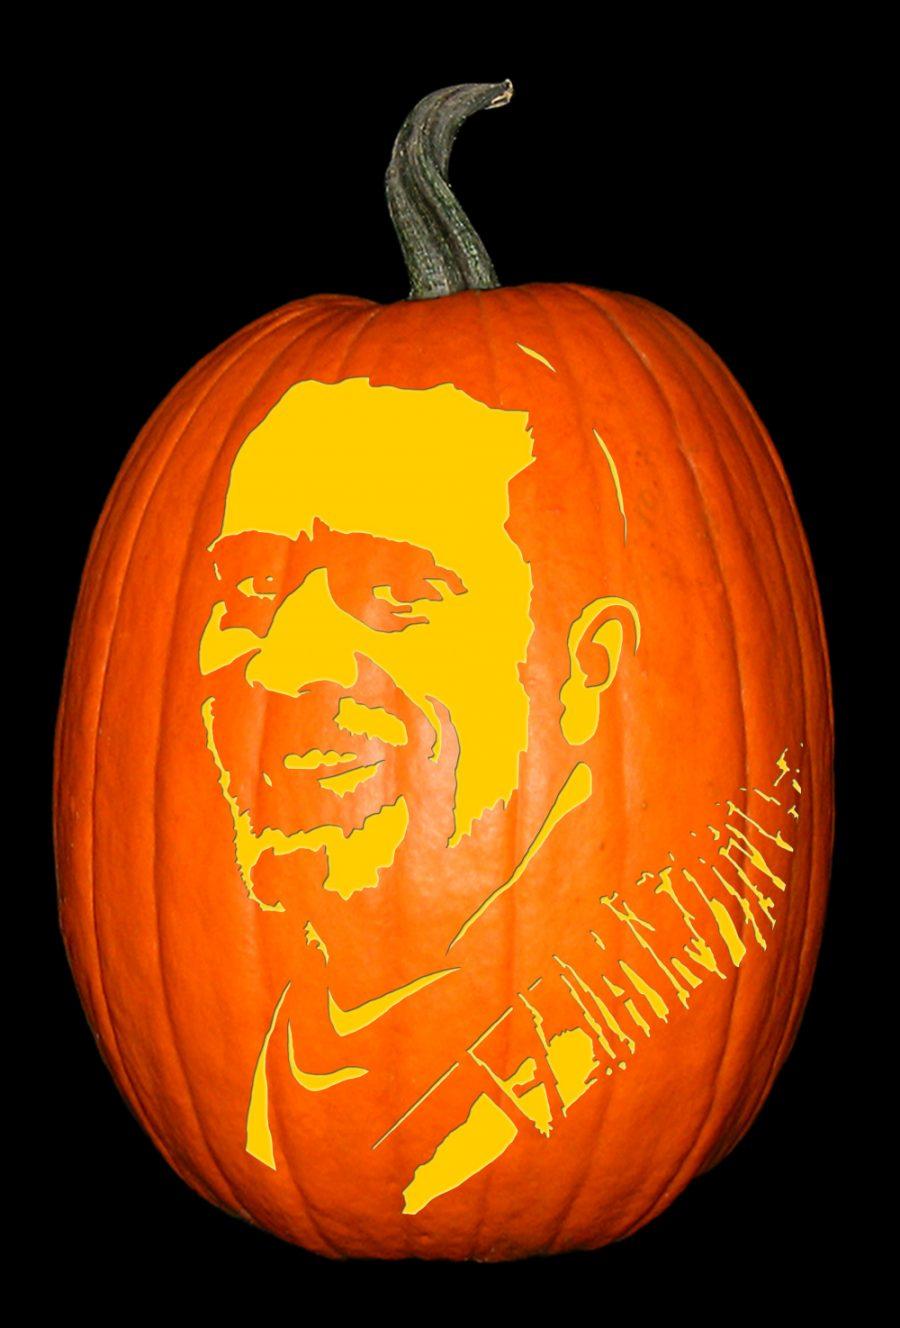 Negan - Walking Dead Pumpkin